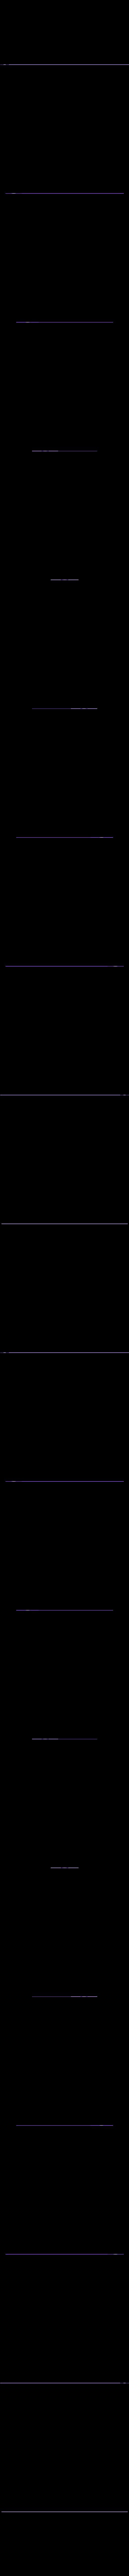 Red.stl Télécharger fichier OBJ gratuit Enregistrement de la lumière • Plan à imprimer en 3D, matheuservilha